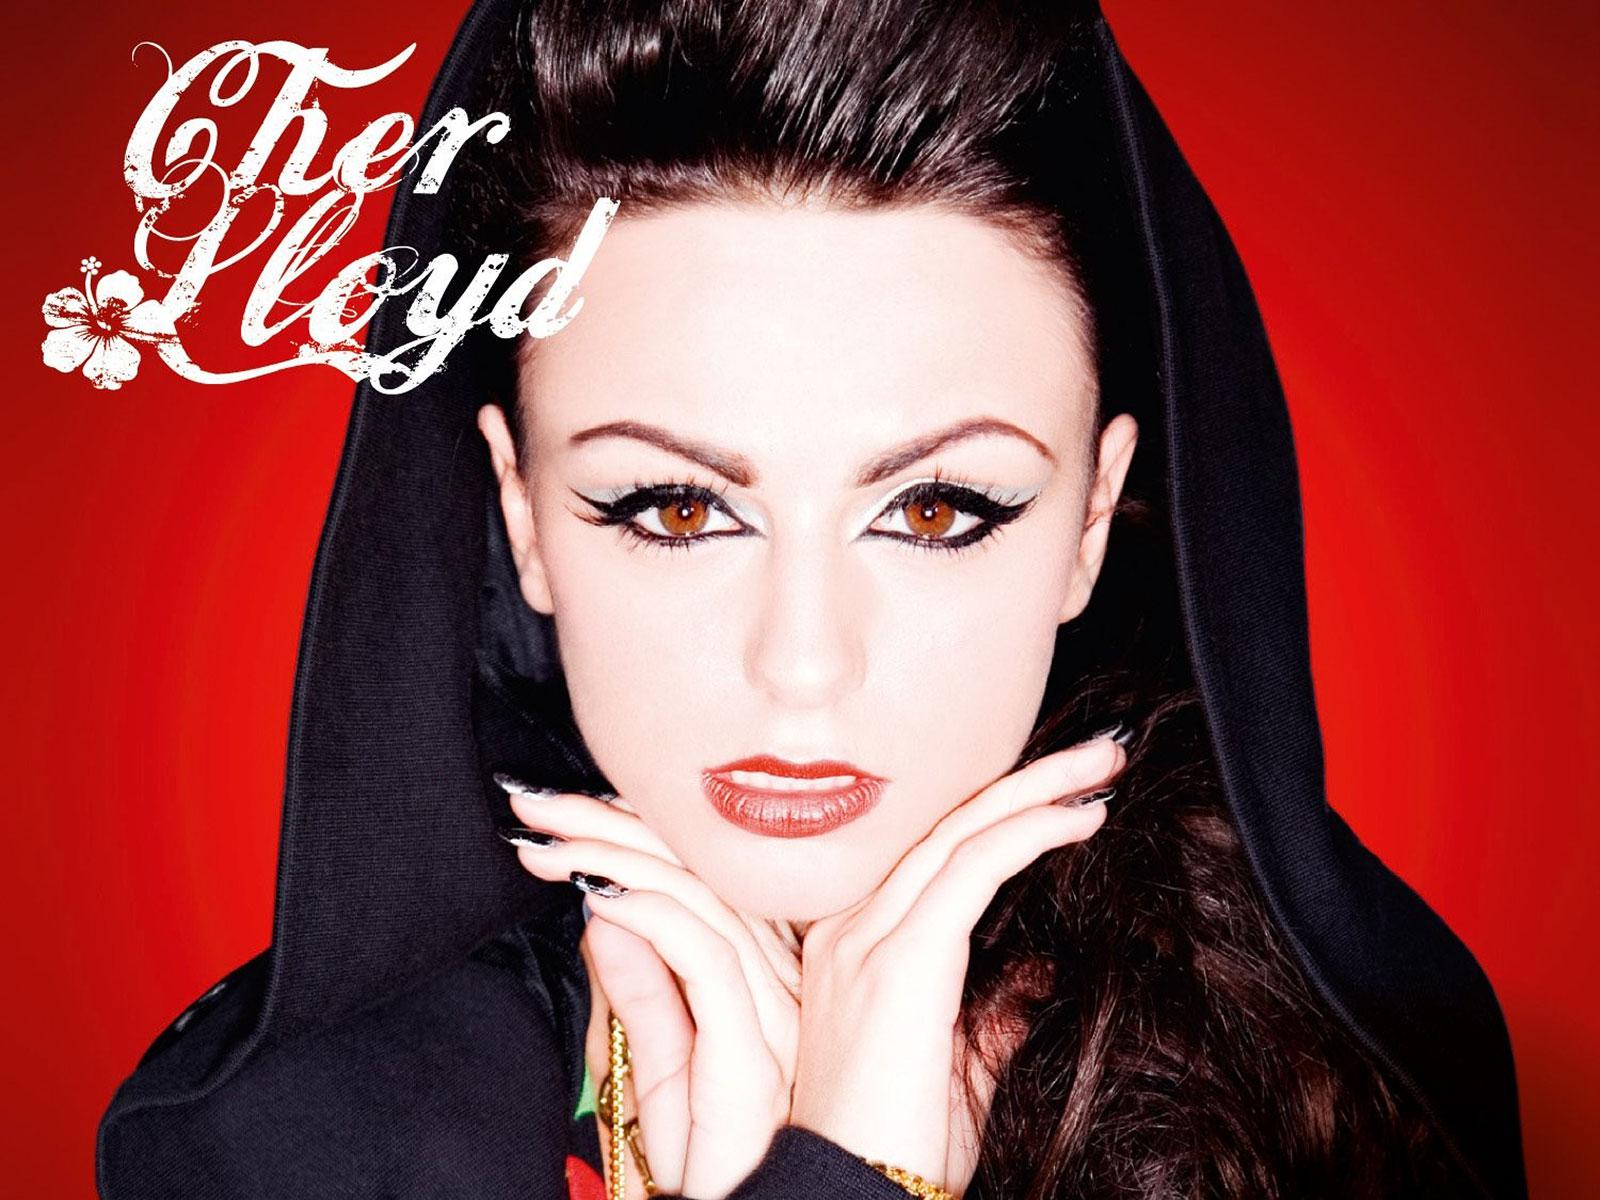 Cher Lloyd Cher Lloyd 壁紙 ファンポップ